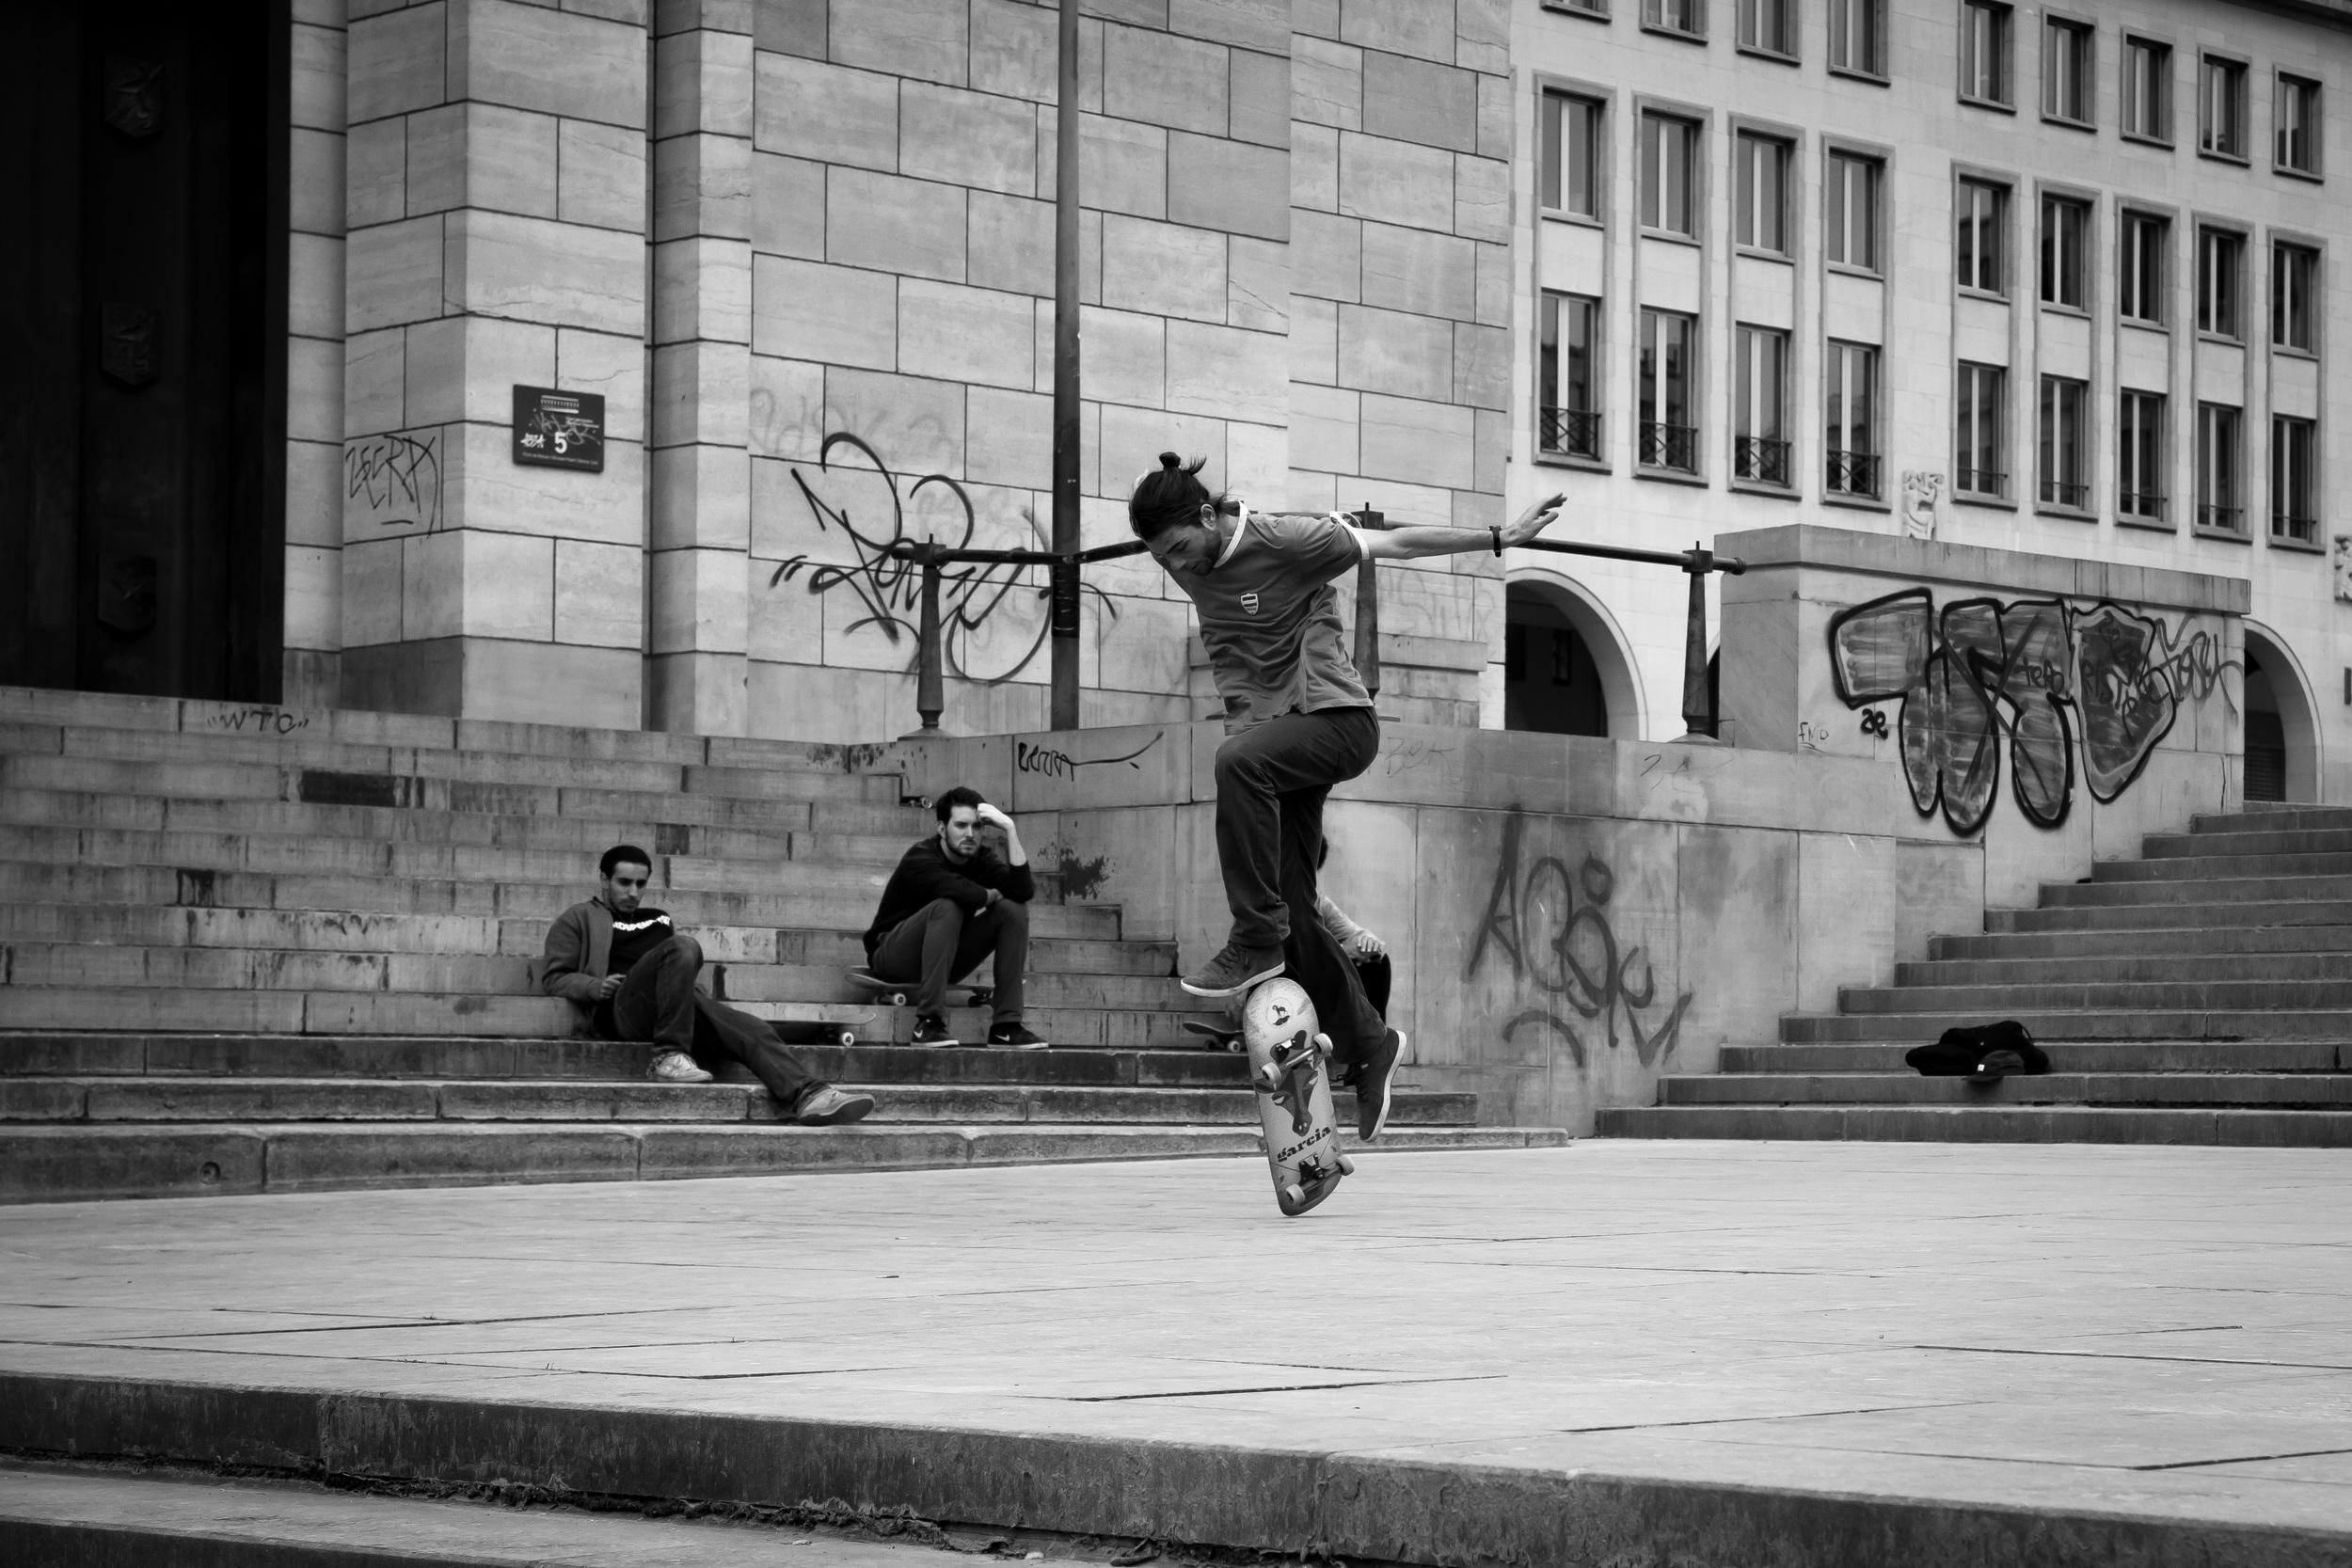 Jongens skaten in Brussel aan Mont des Art - sven 4